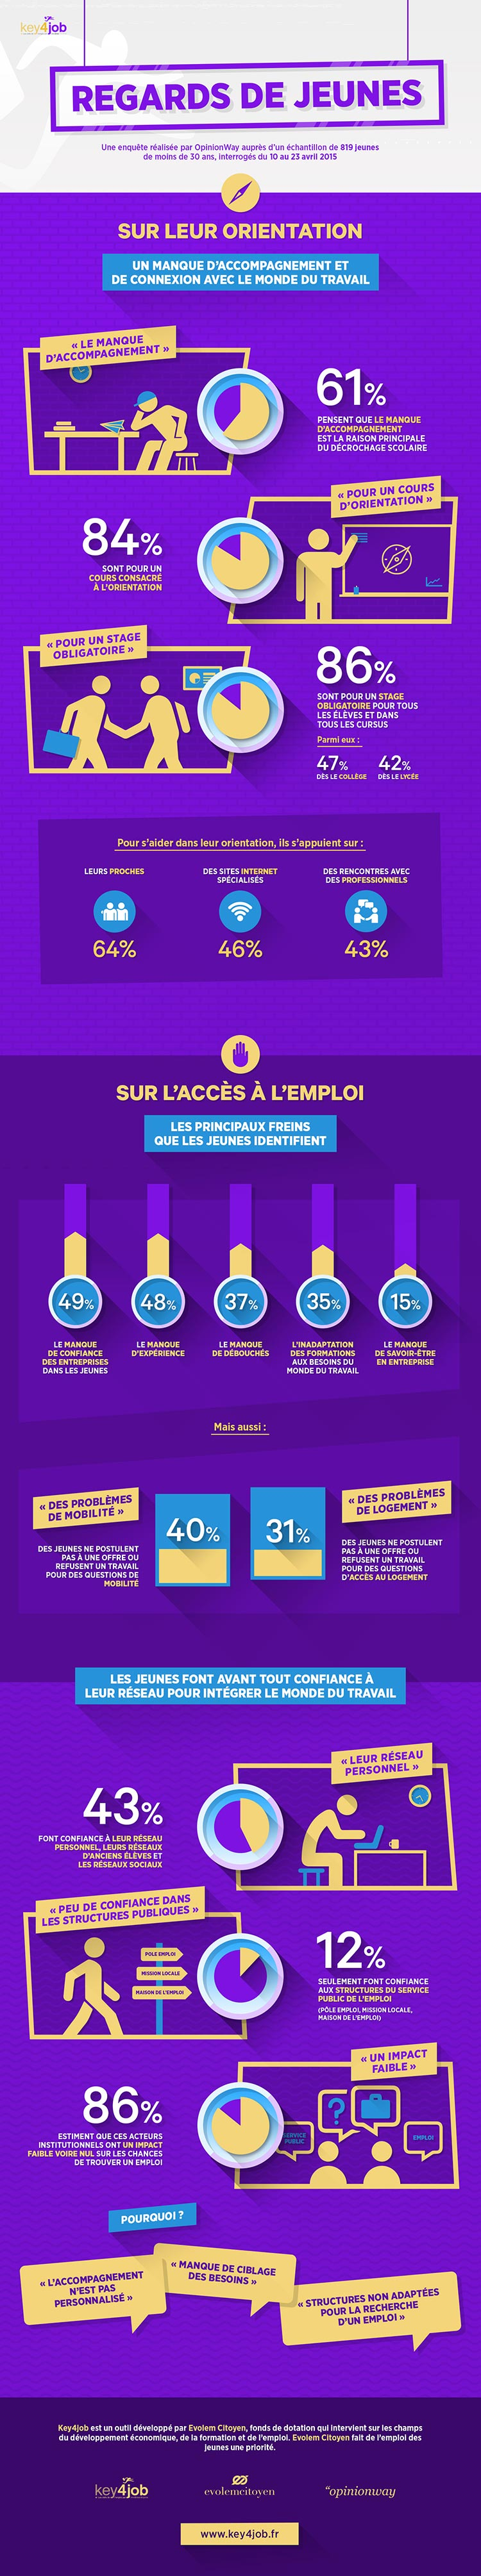 infographie-key4job-chomage-emploi-jeunes